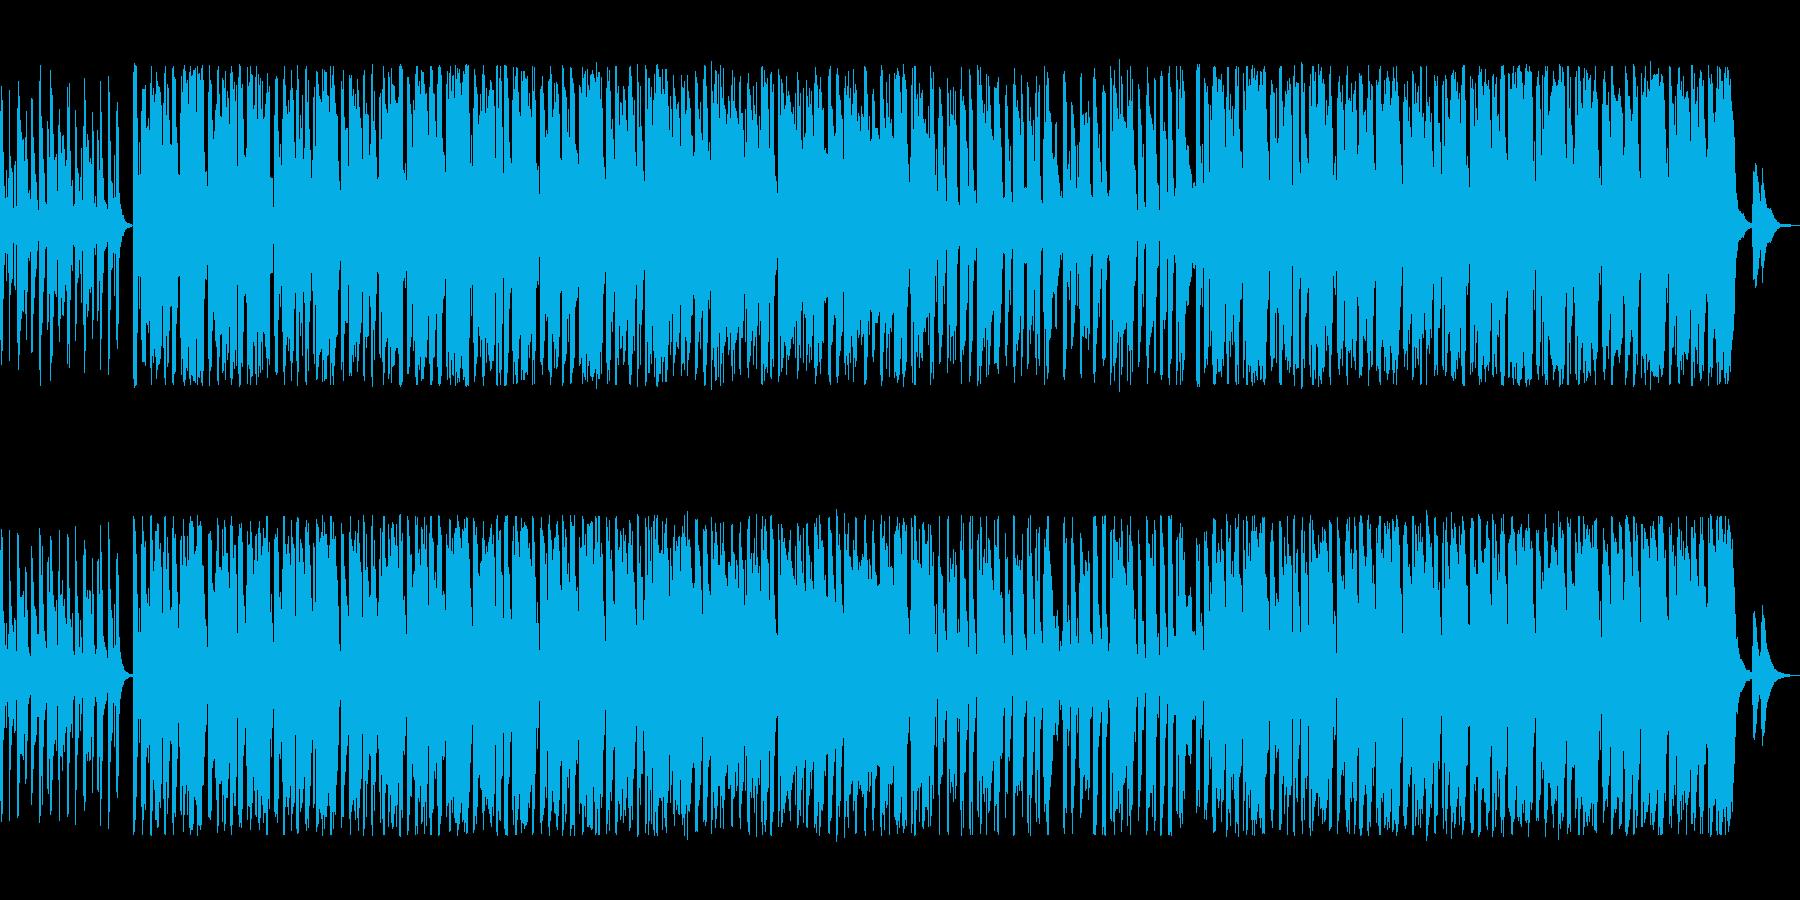 優しく可愛らしいイージーリスニングの再生済みの波形